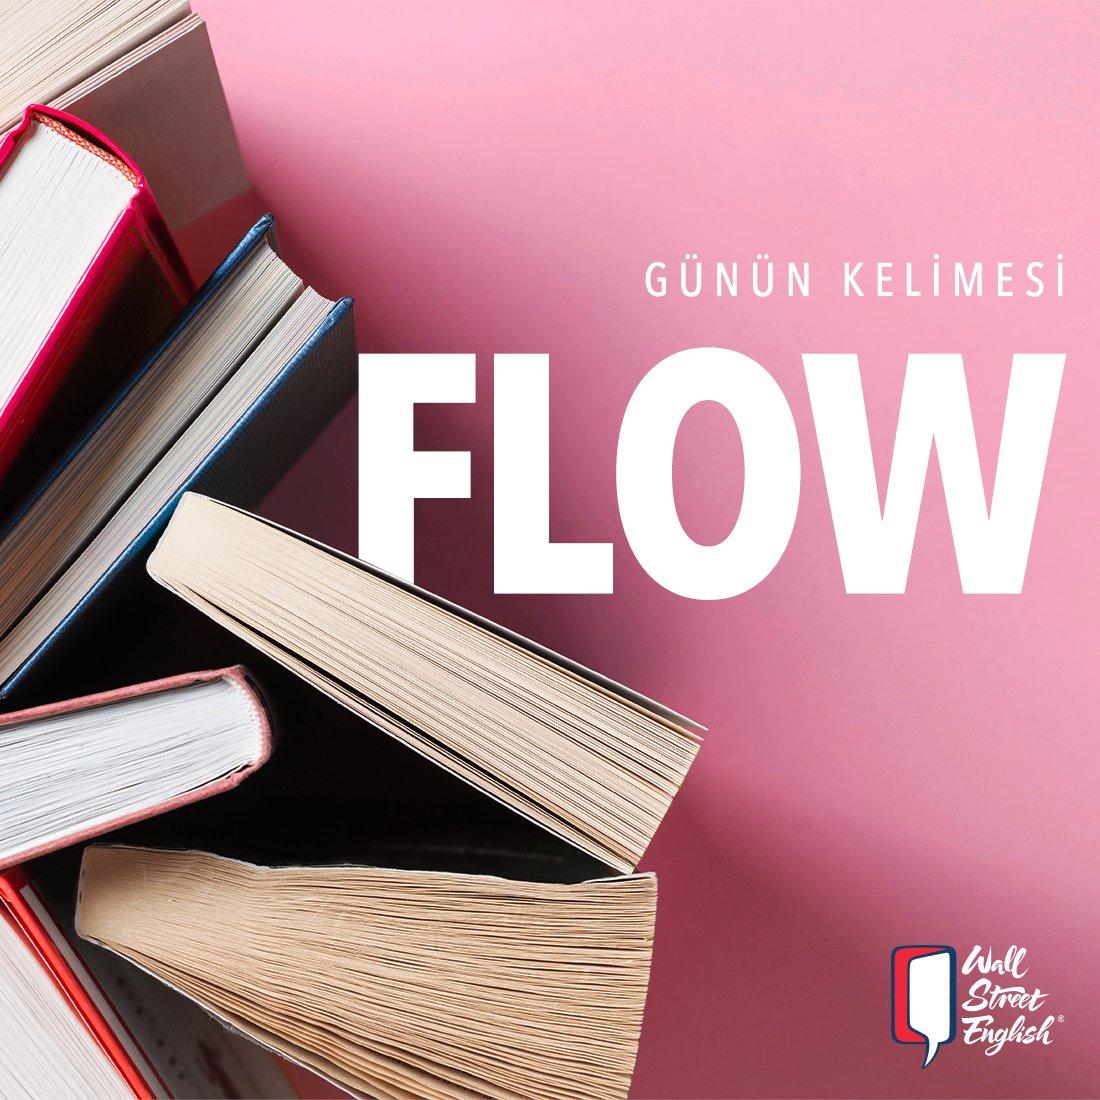 Günün Kelimesi: Flow! Akmak, akış anlamına gelen bu kelimeyi cümle içinde kullanabilir misin? Sen de yorumlarda cümleni yaz, yaratıcılığını herkes görsün! #staysafe  #learnenglish #quarantine#studyenglish #wordpic.twitter.com/05hYivxw7w